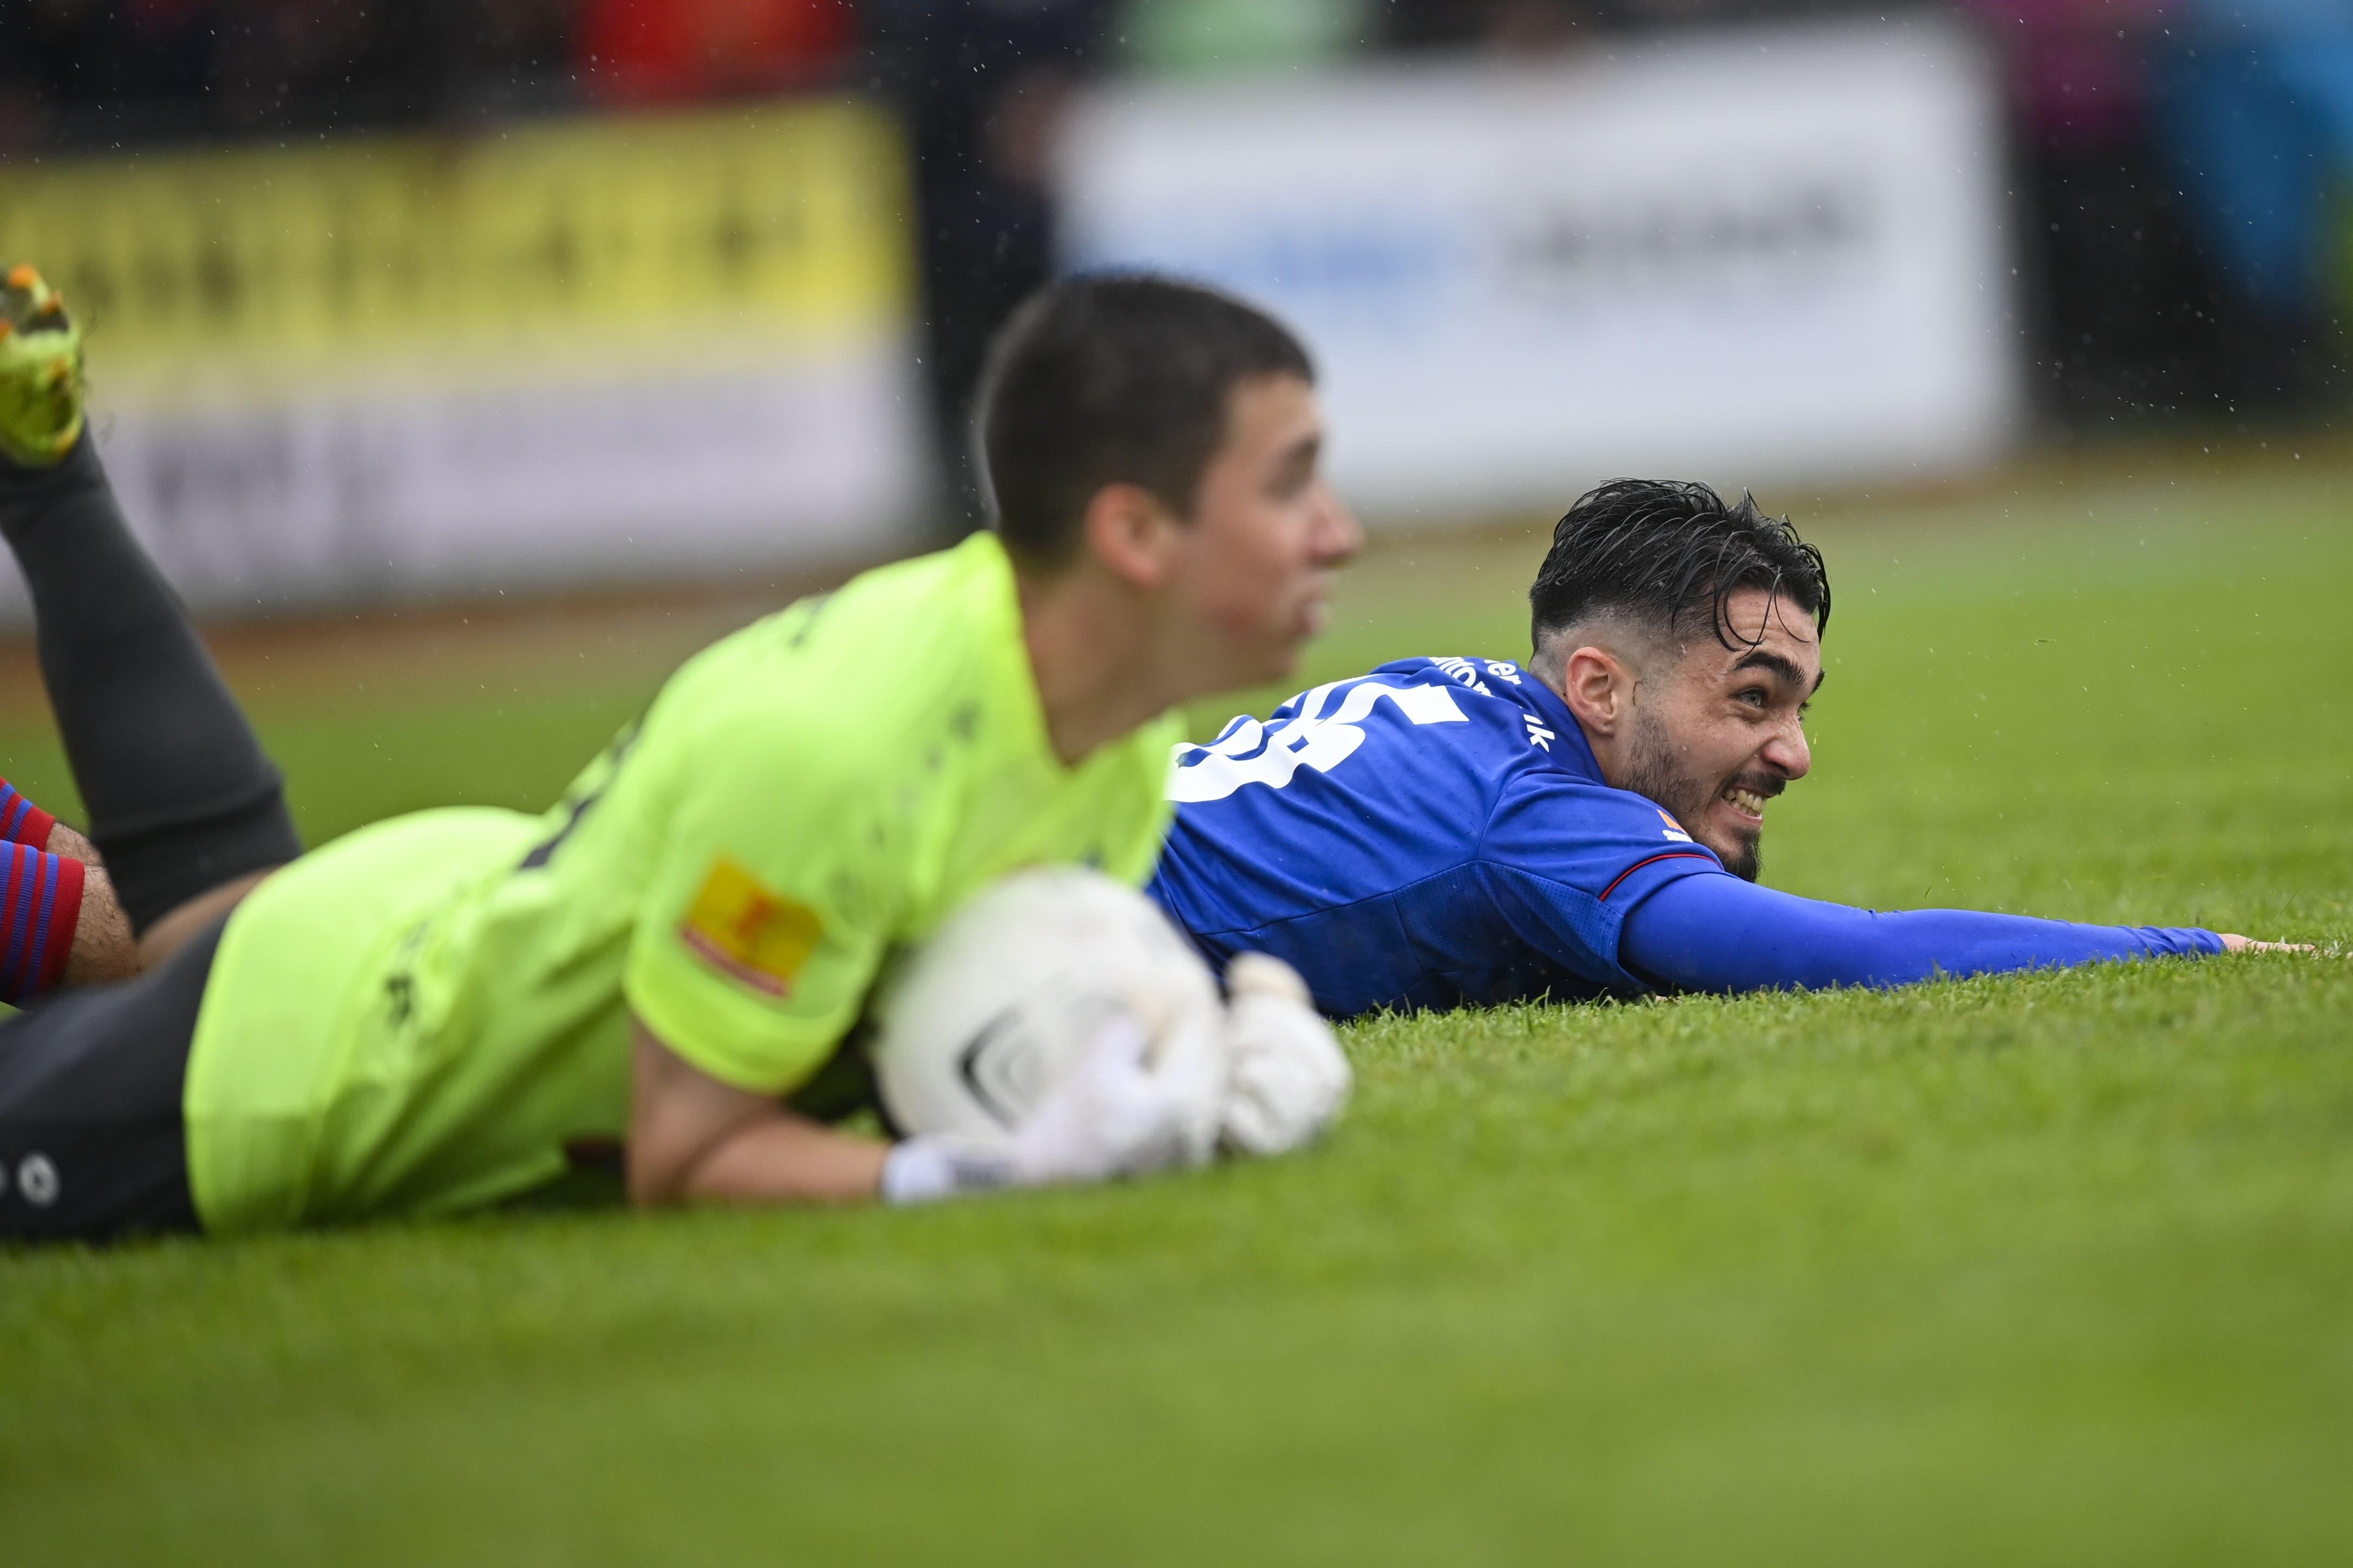 Der FCB und Matias Palacios kommen in der ersten Halbzeit gegen den FC Rorschach-Goldach nur zu einer 1:0 Führung.